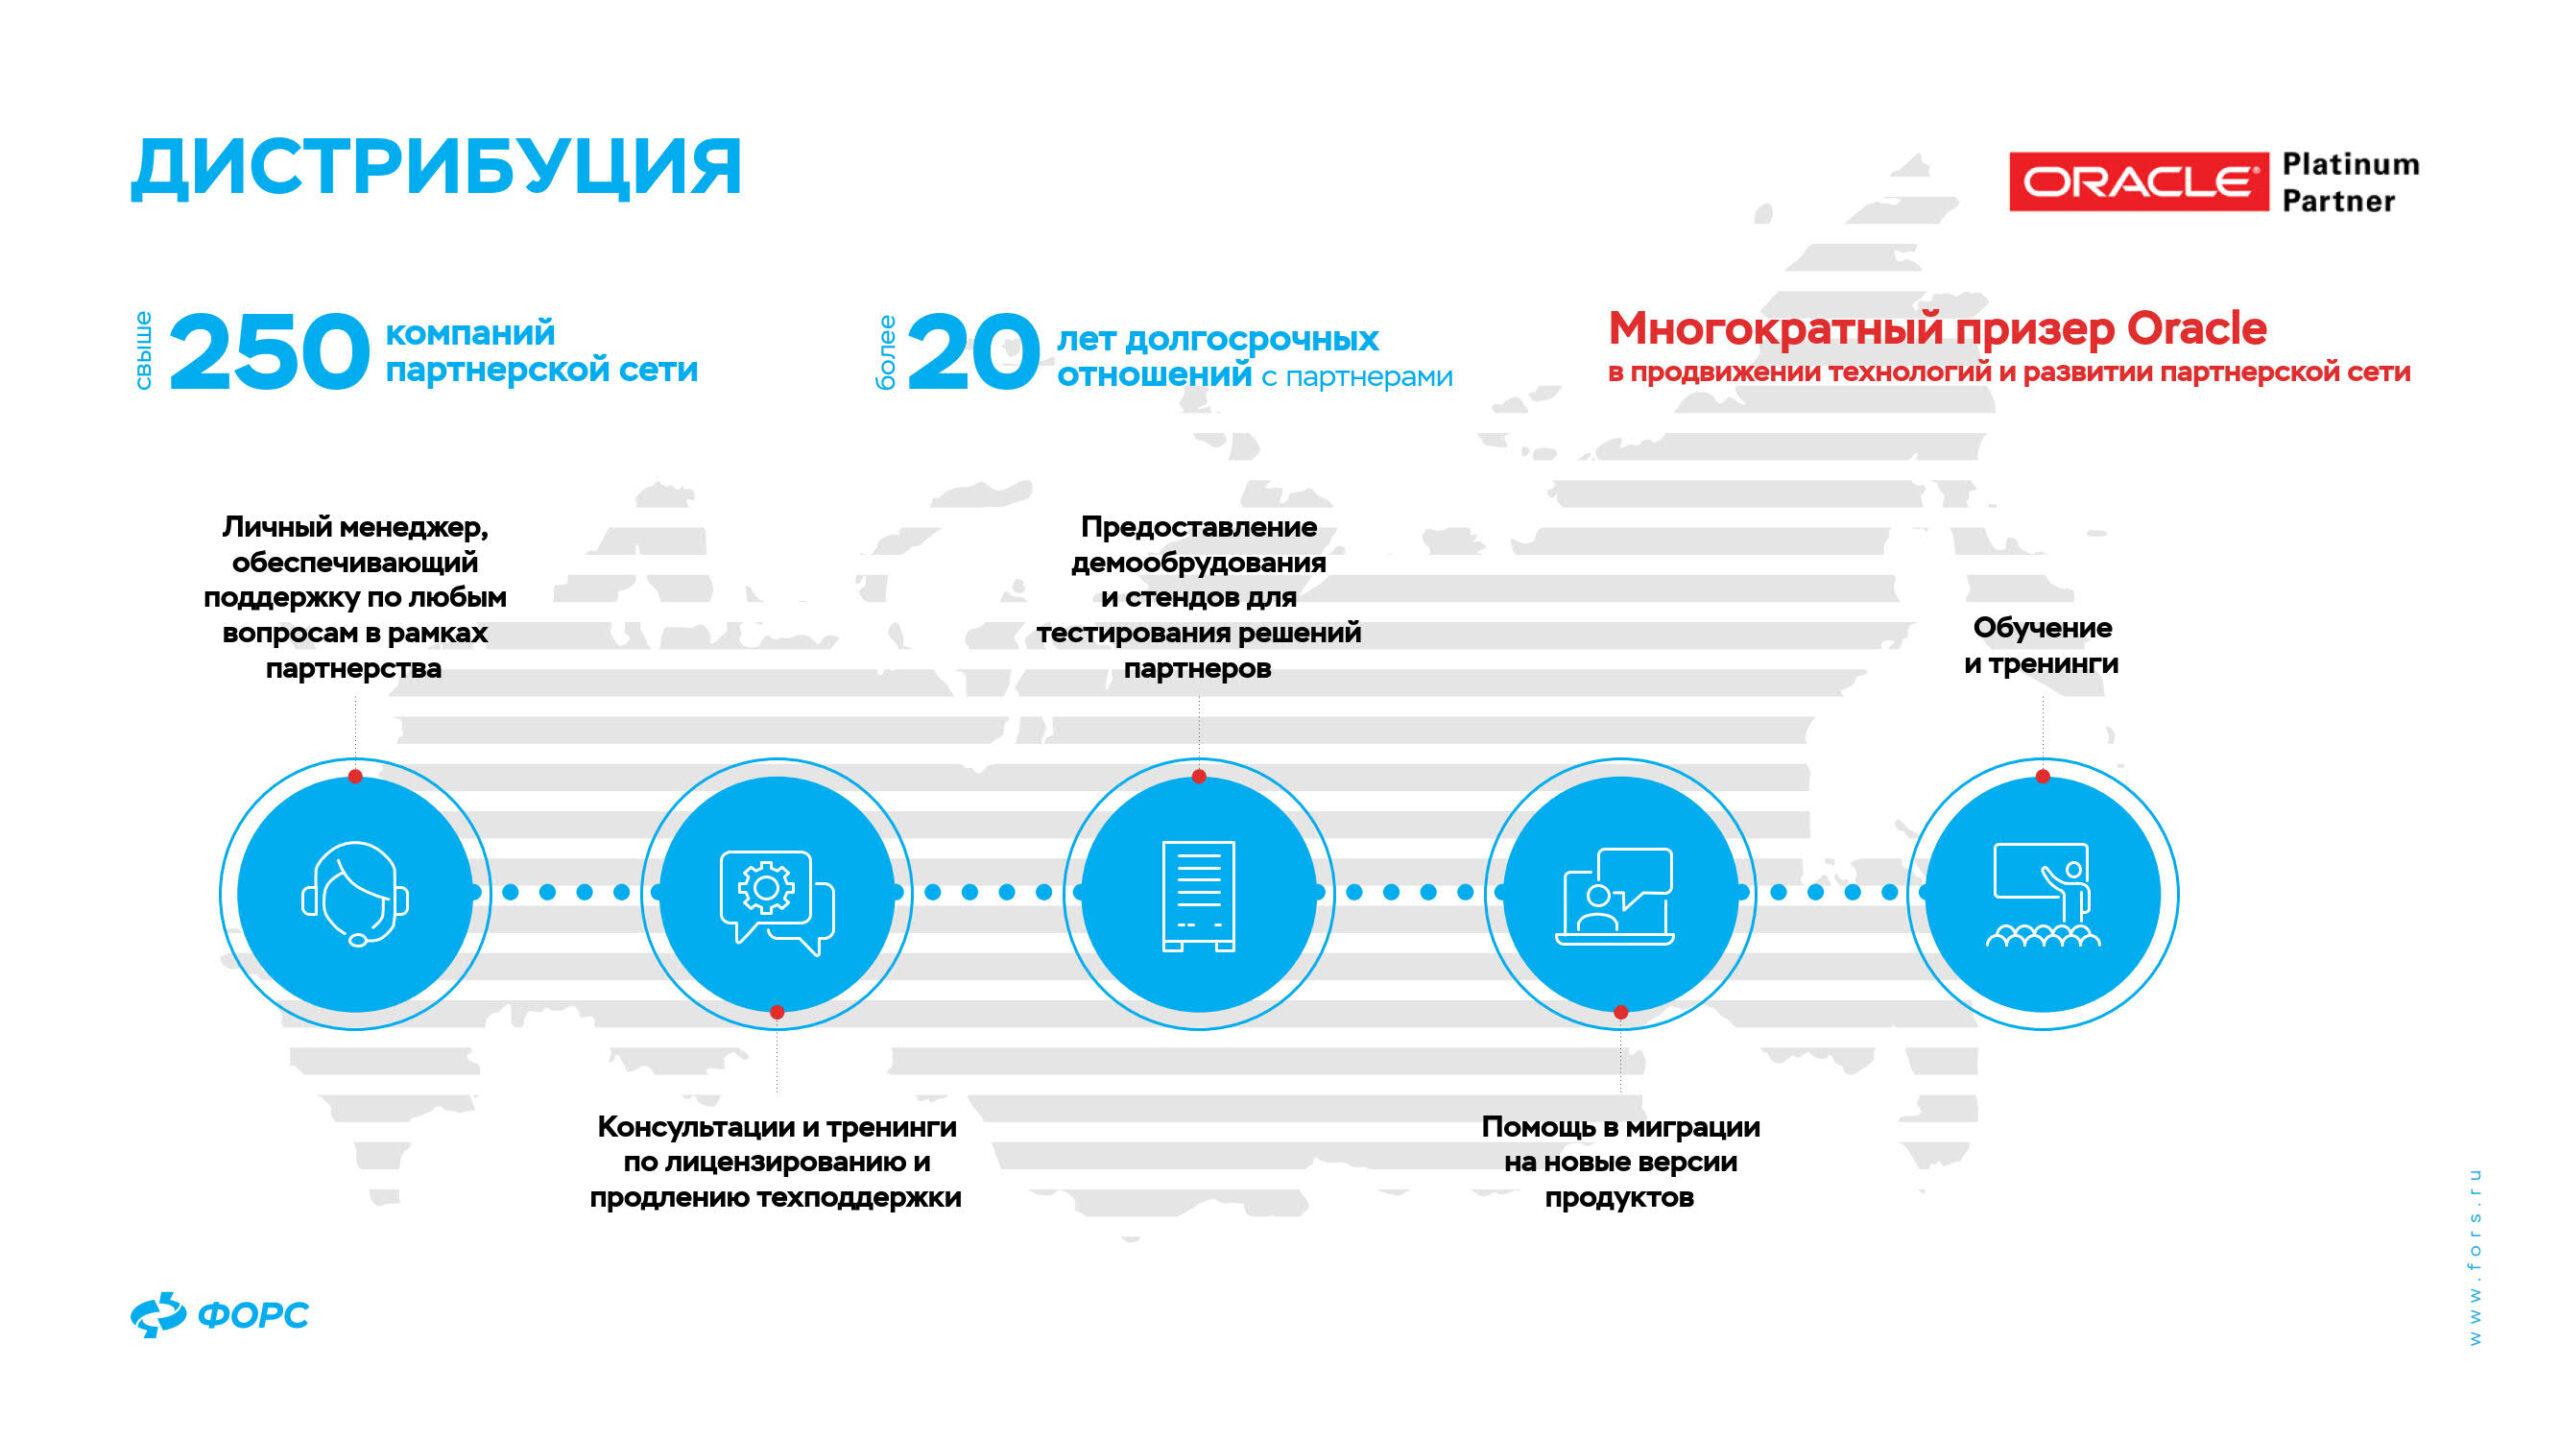 prezentacziya-produktov-dlya-it-infrastruktury-distribucija